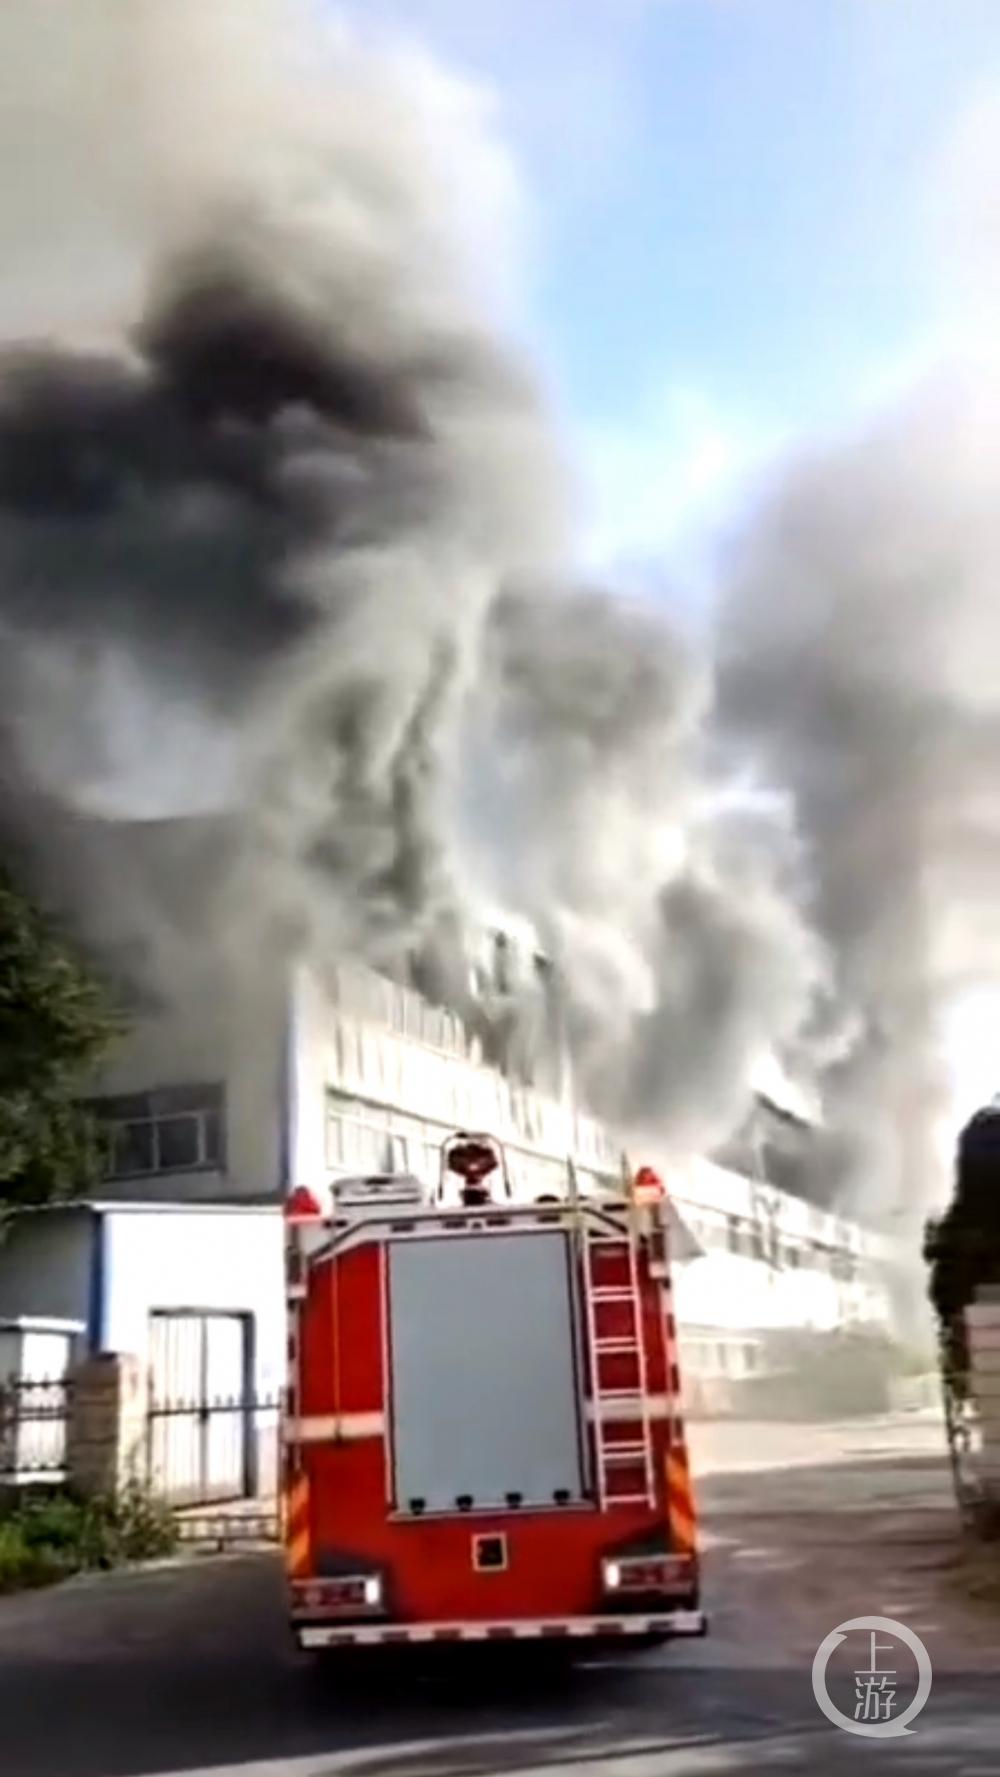 ▲7月24日下午,长春市净月高新科技产业开发区的一物流仓库起火,火灾现场浓烟滚滚。图片来源/目击者提供